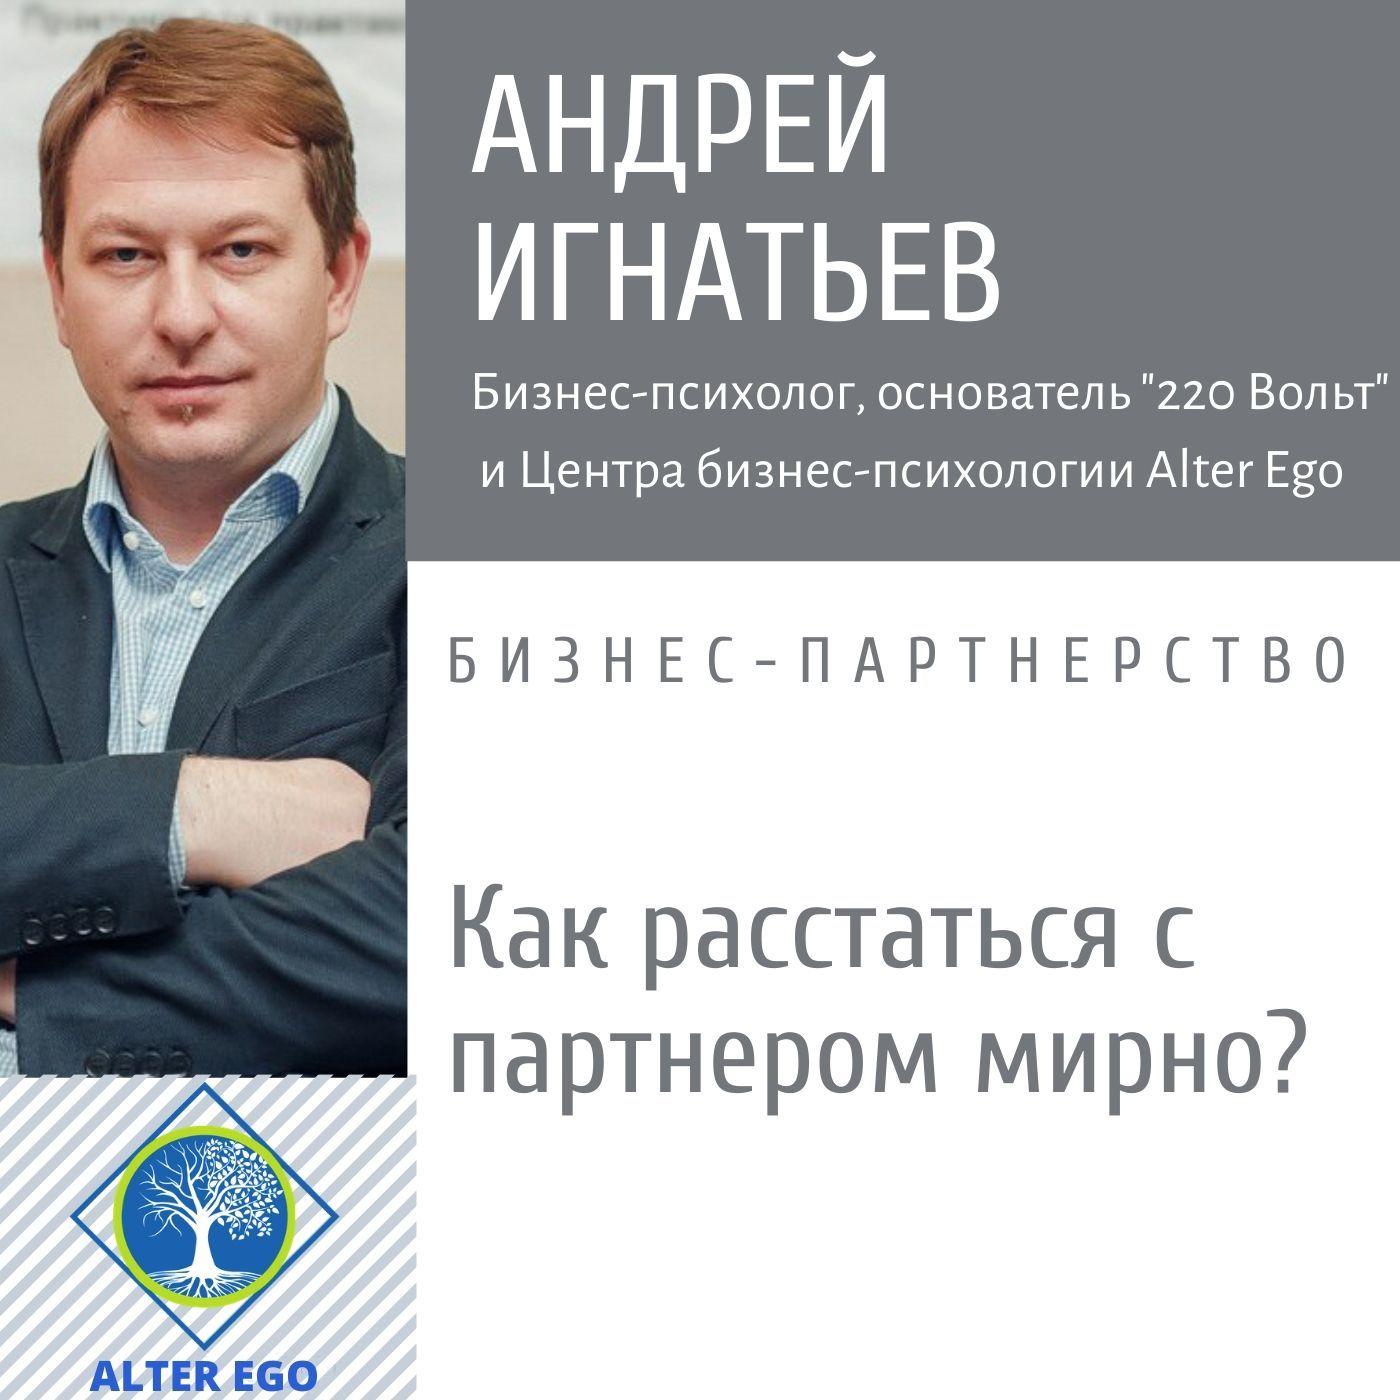 Купить книгу Как расстаться с бизнес-партнером мирно и справедливо-медиация, автора Андрея Игнатьева